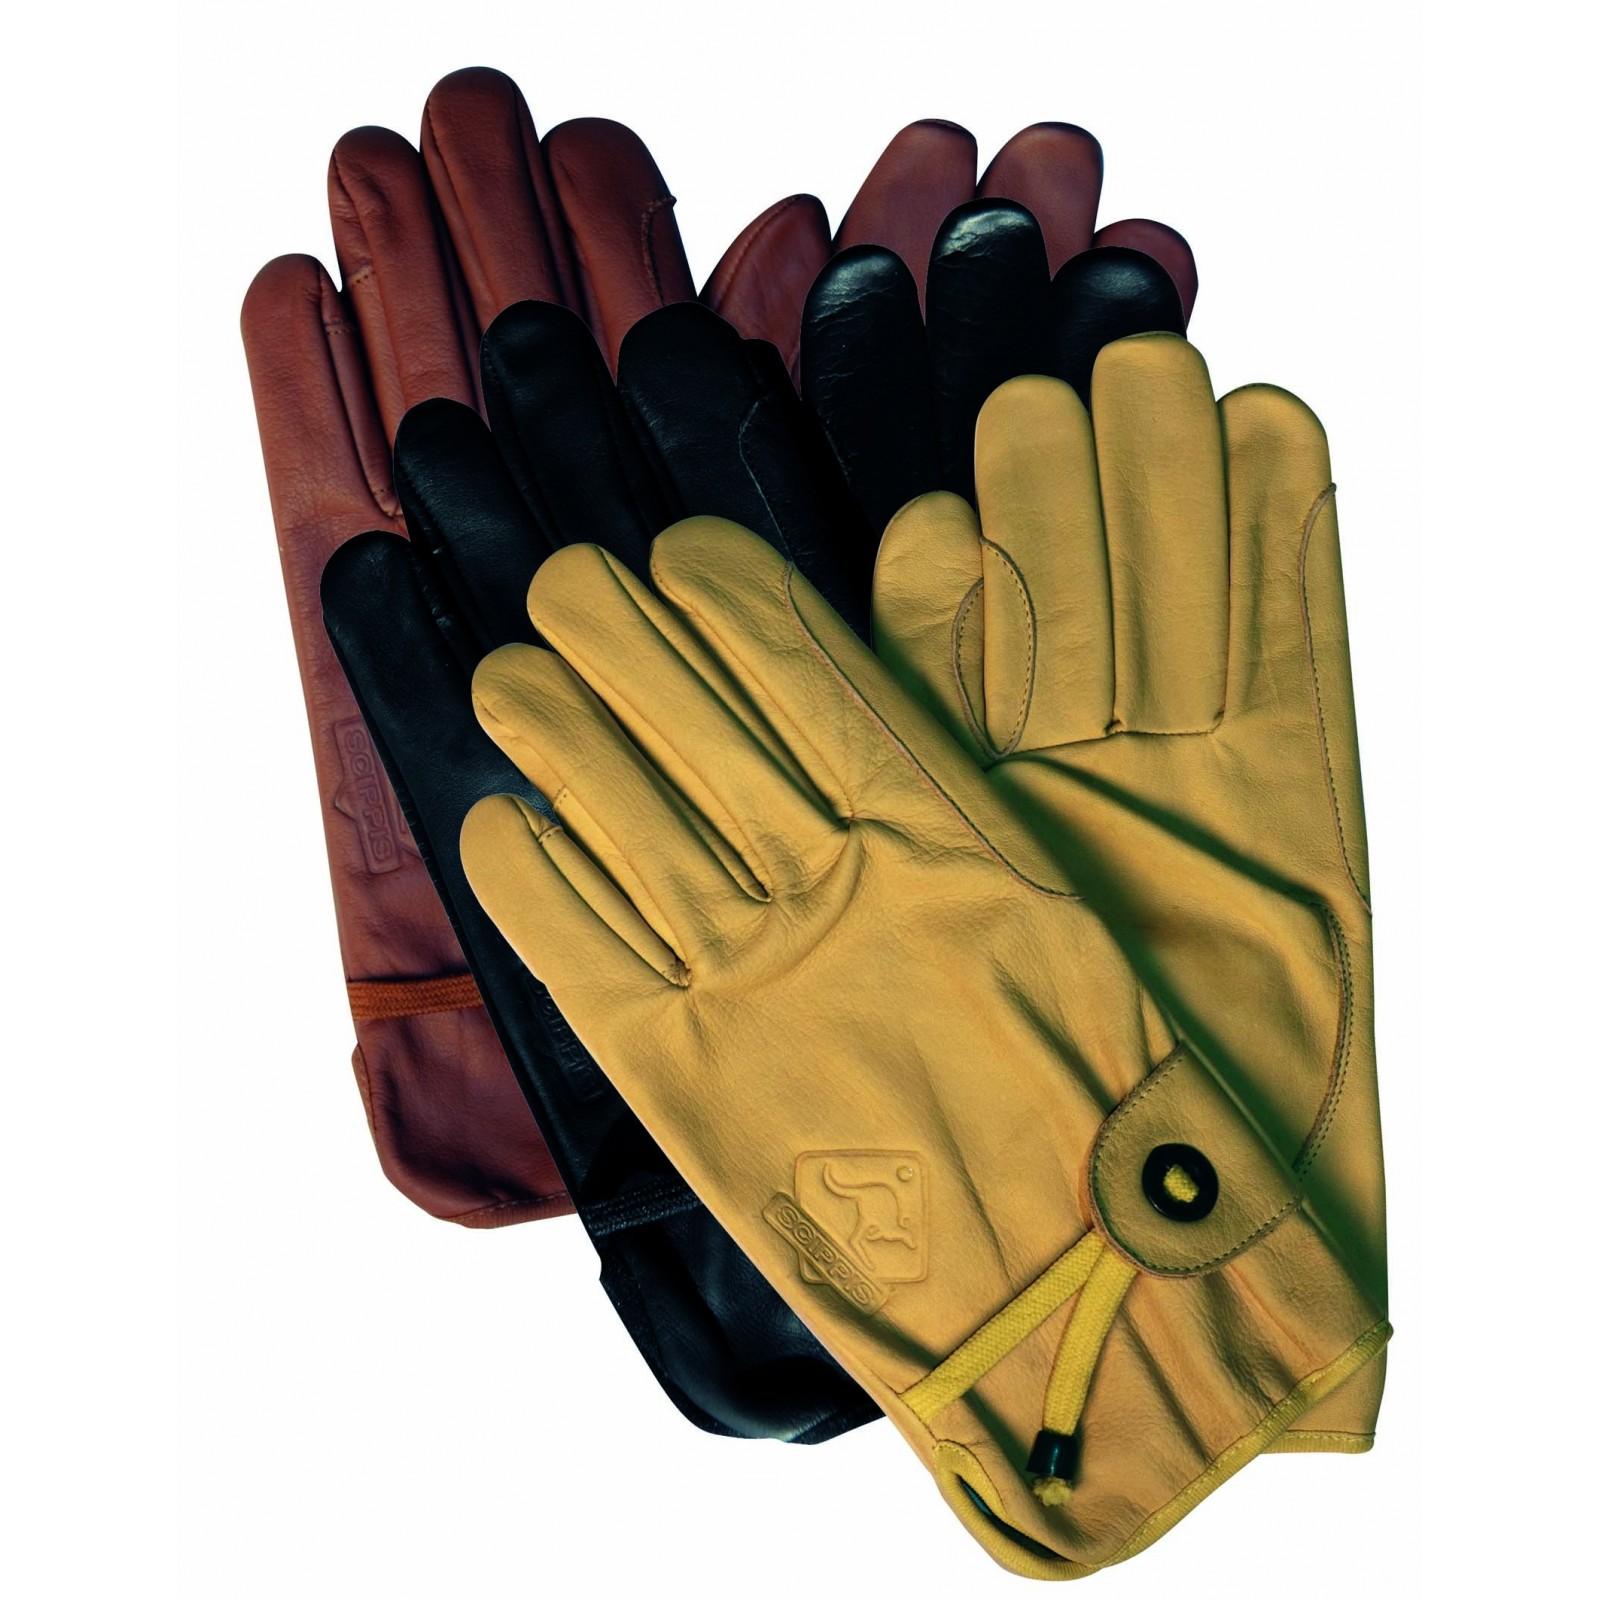 Scippis guanti